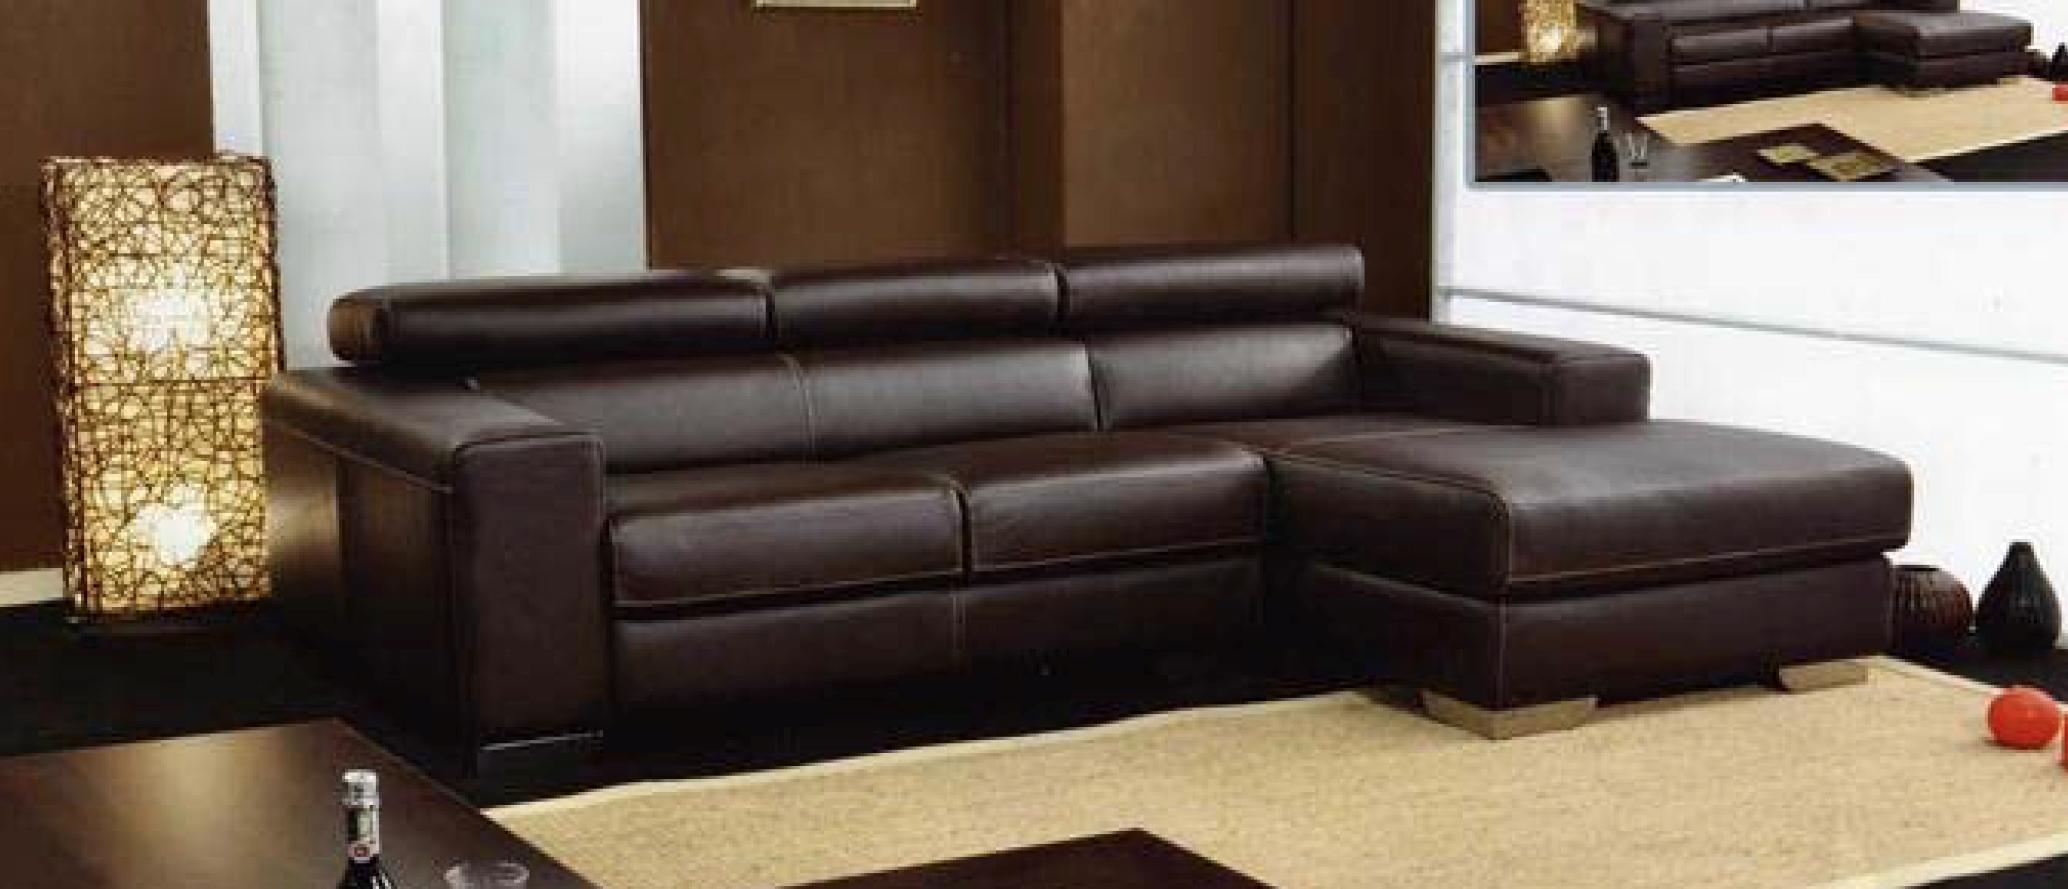 Divano divano box in pelle divani con chaise longue pelle - Divano 3 posti divano 2 posti ...